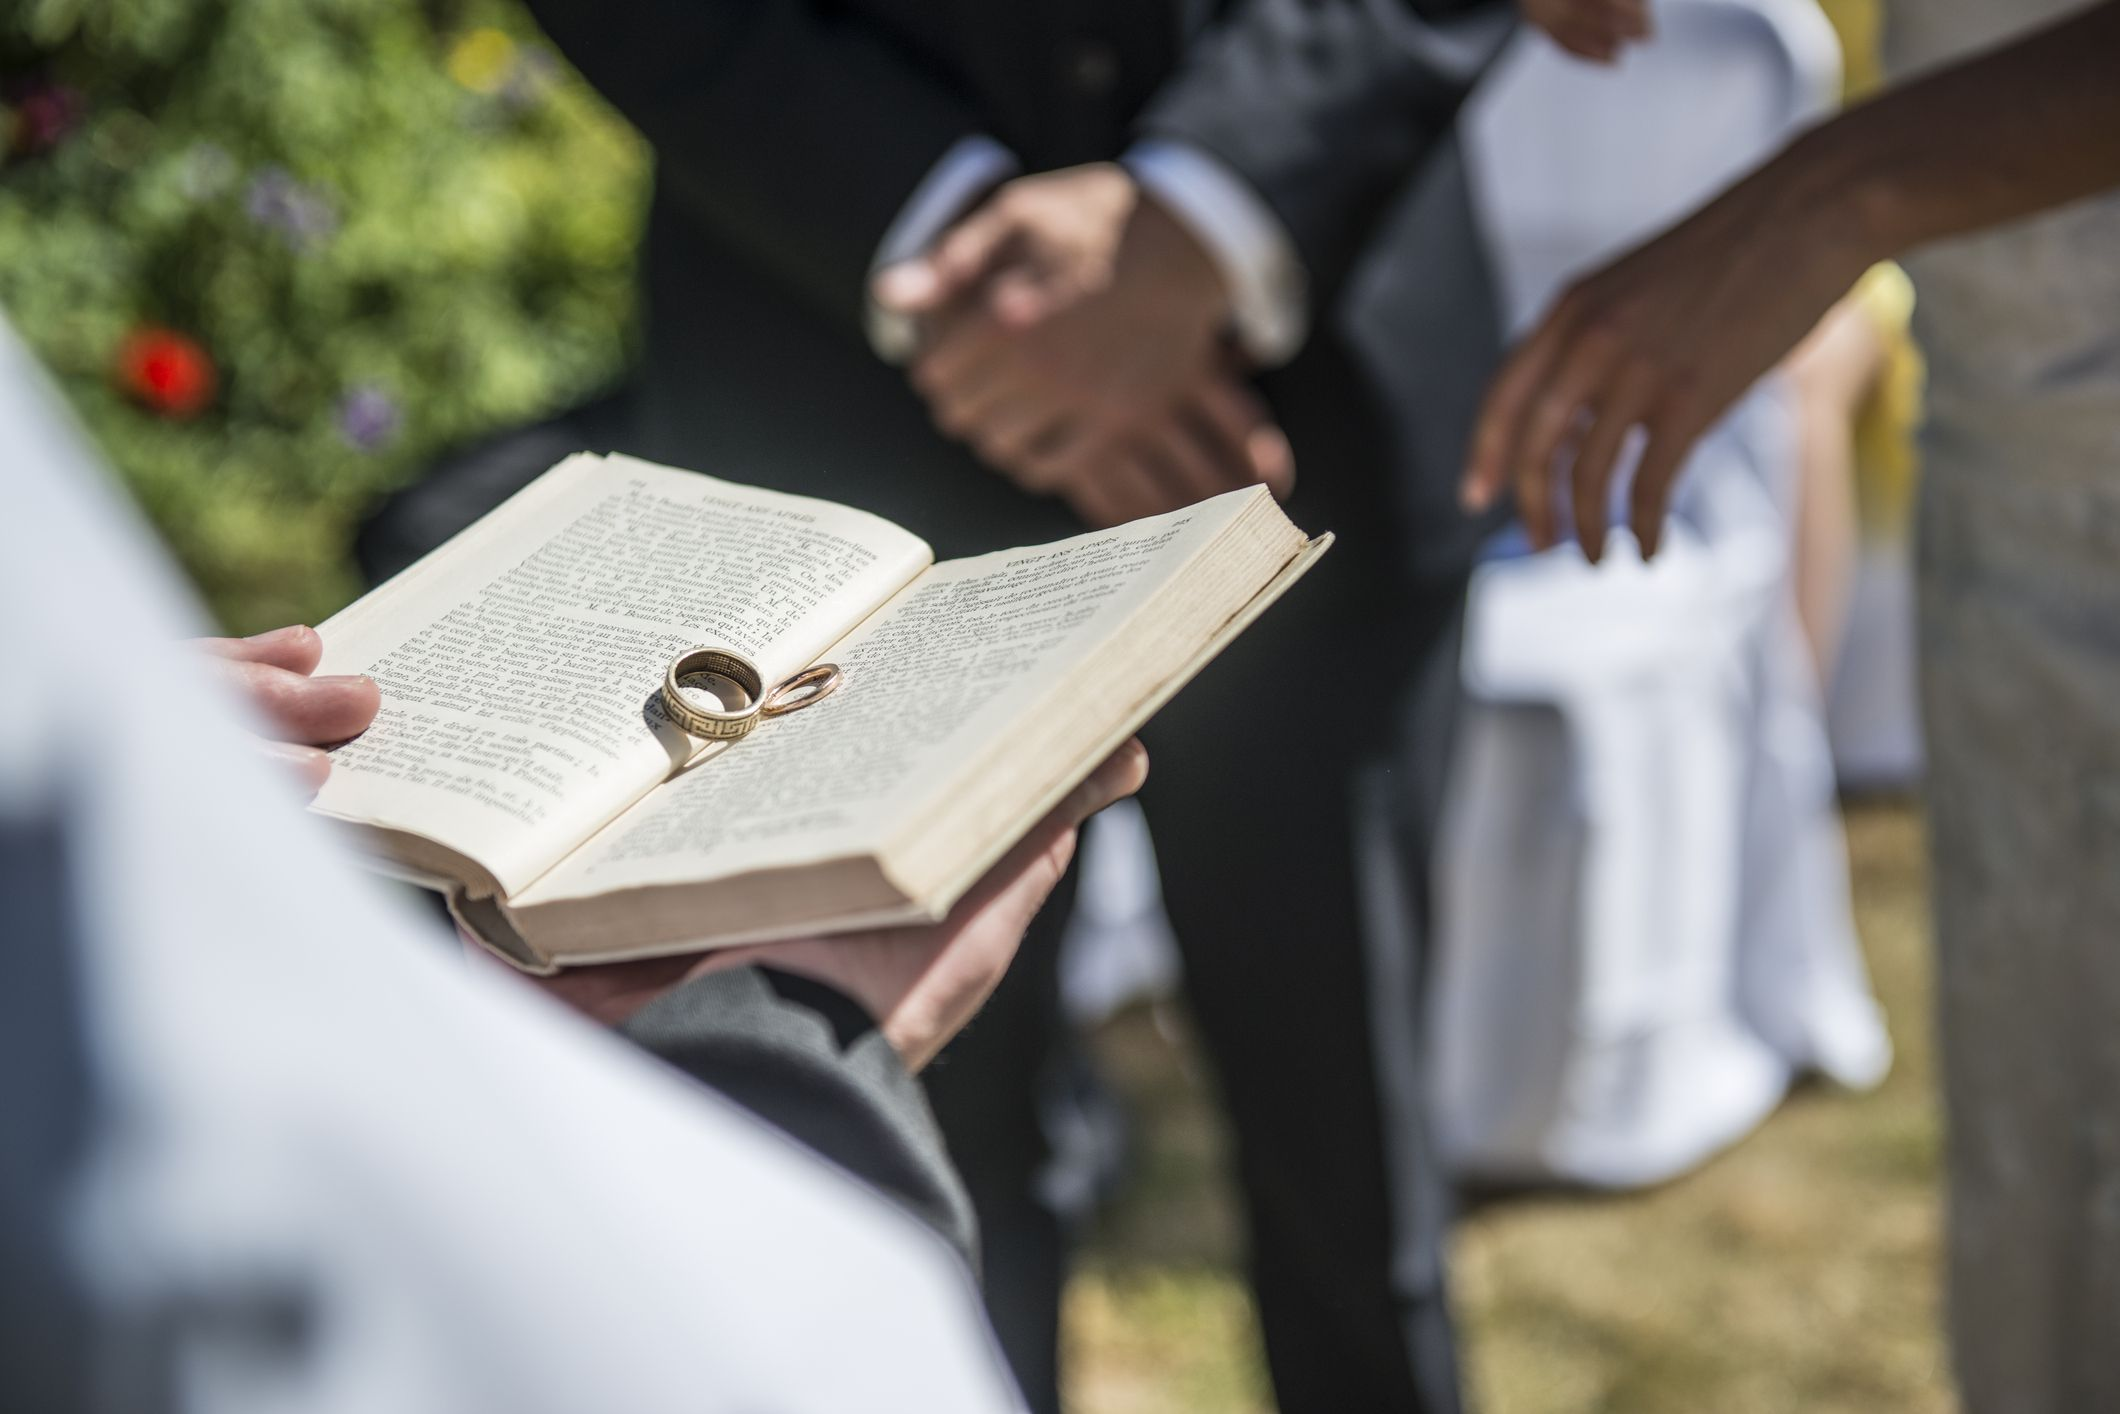 Matrimonio Biblia Catolica : Lecturas para ceremonia de matrimonio católica